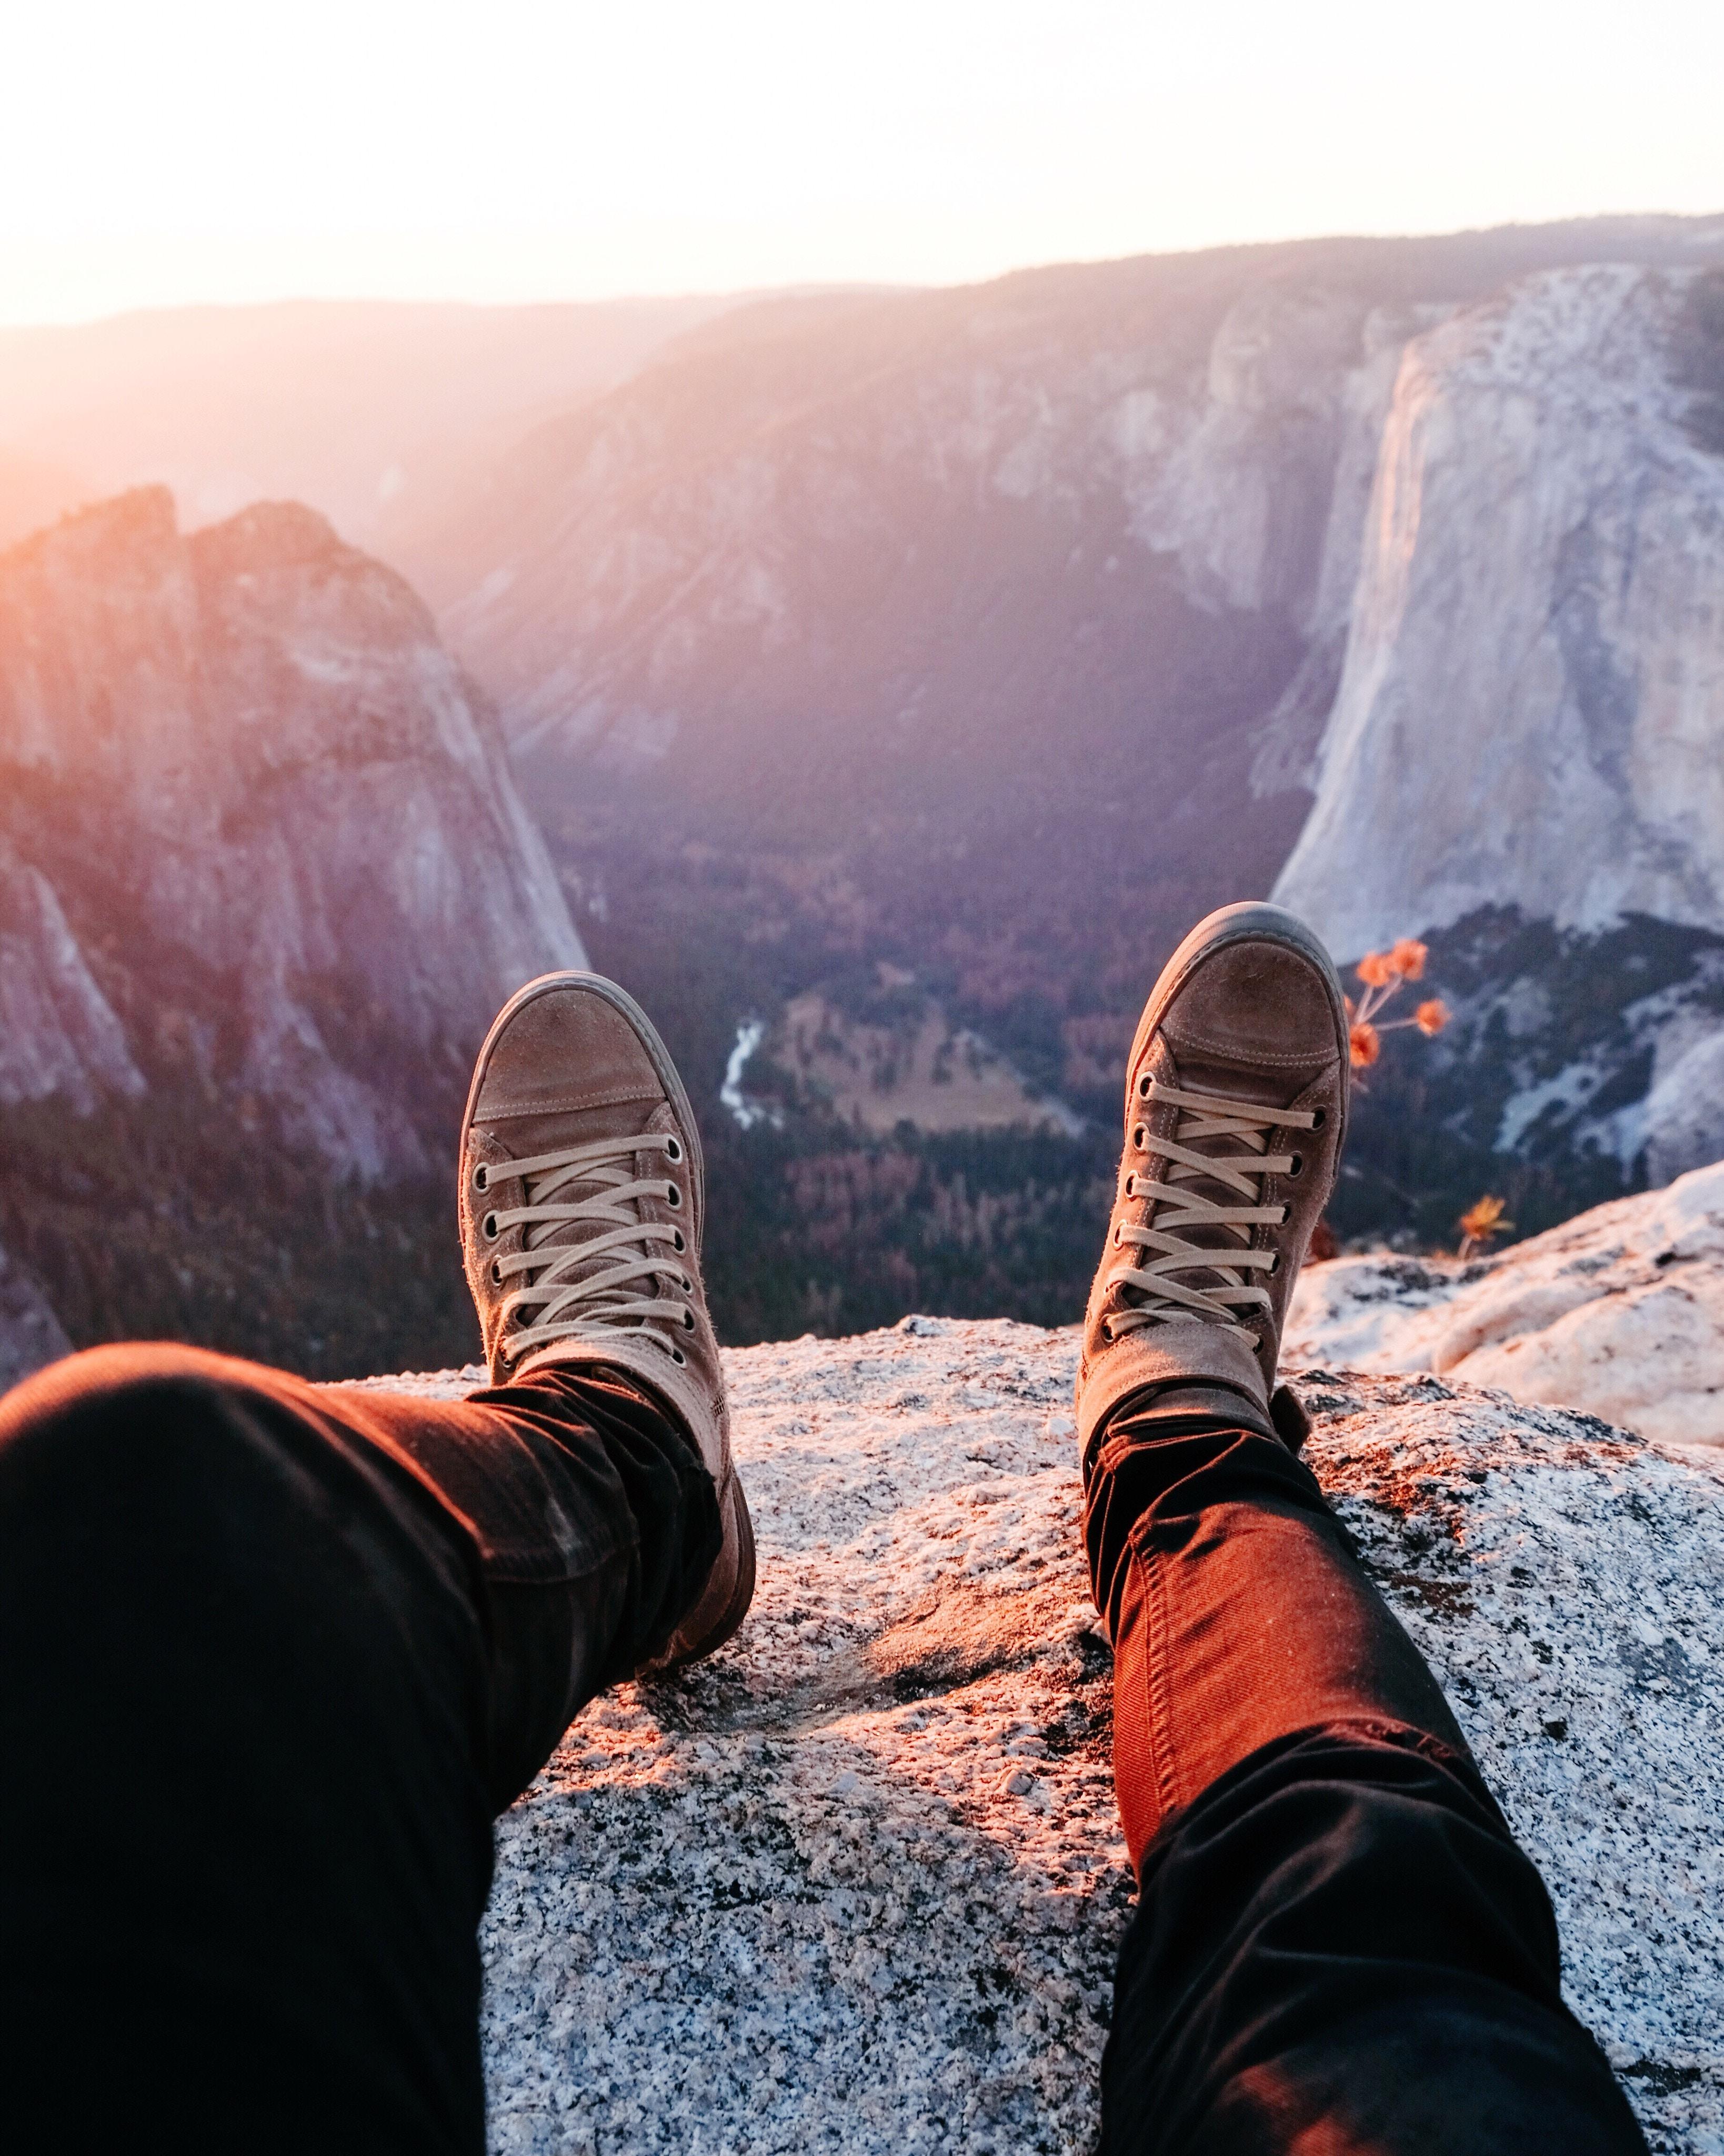 df6ecfbf6d2510 Images Gratuites : paysage, Roche, chaussure, Montagne, neige, hiver, ciel,  lumière du soleil, Matin, aventure, chaîne de montagnes, vacances, la  glace, ...